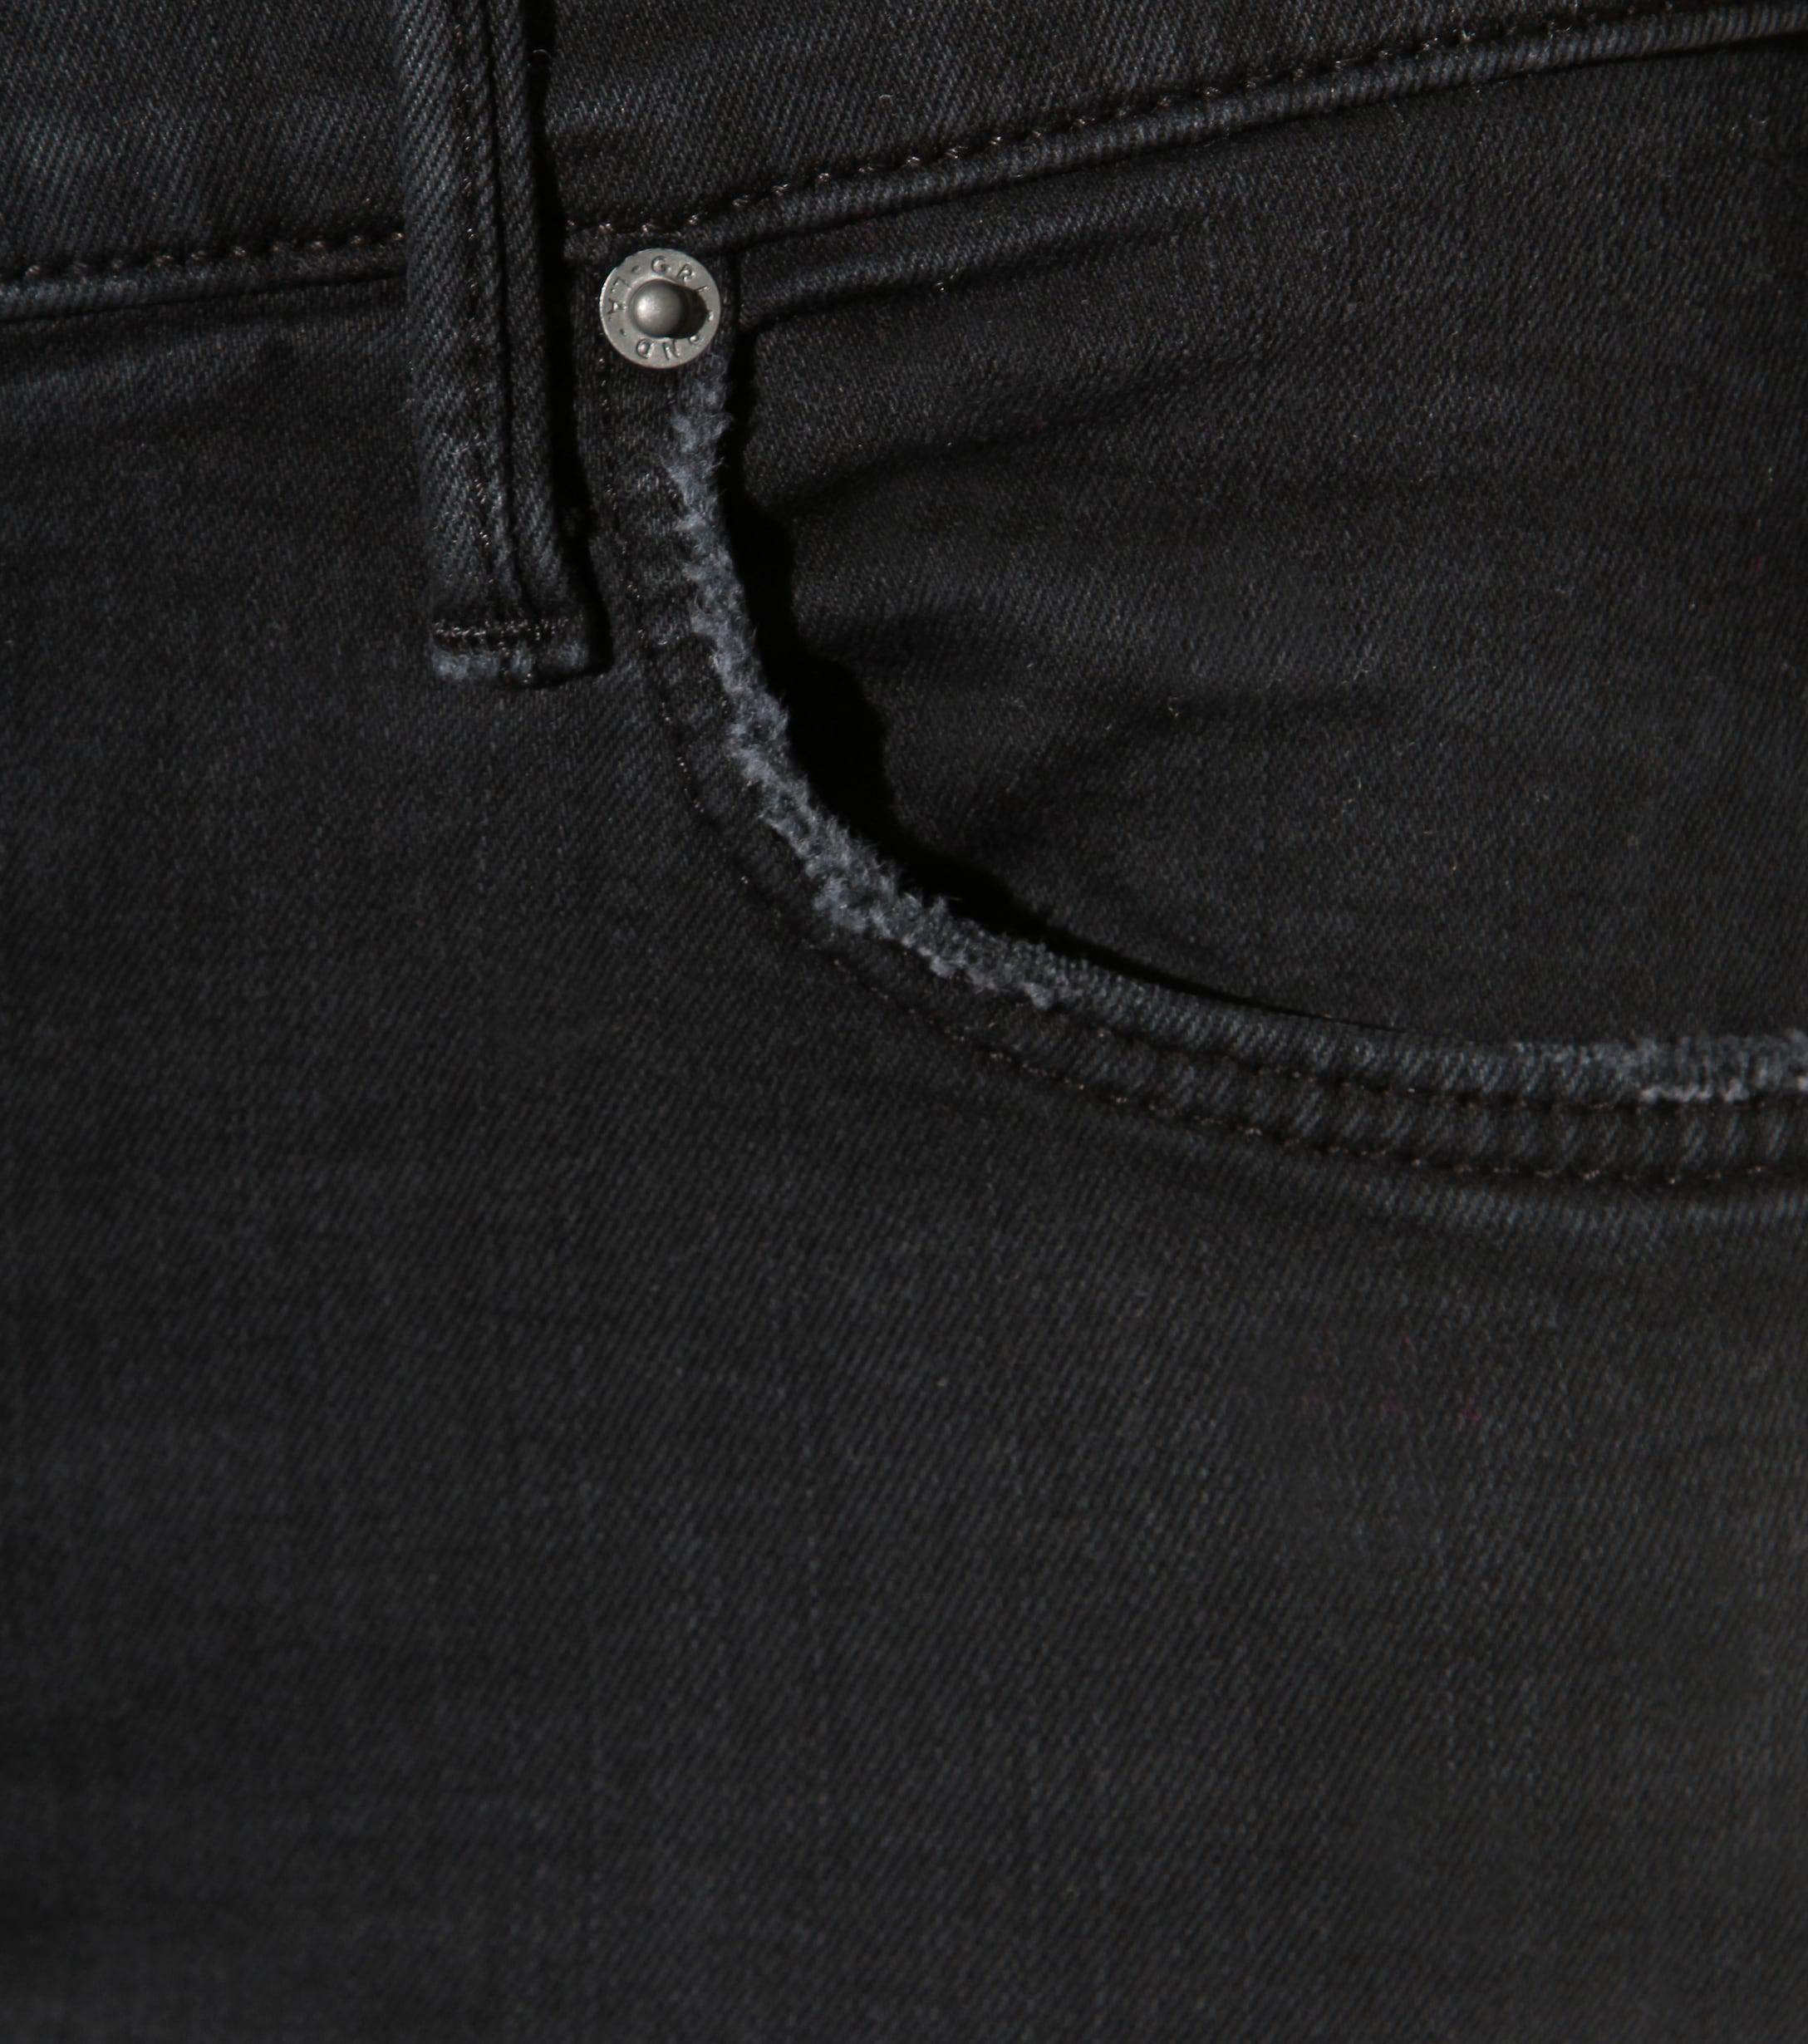 GRLFRND Denim Candice Skinny Jeans in Black